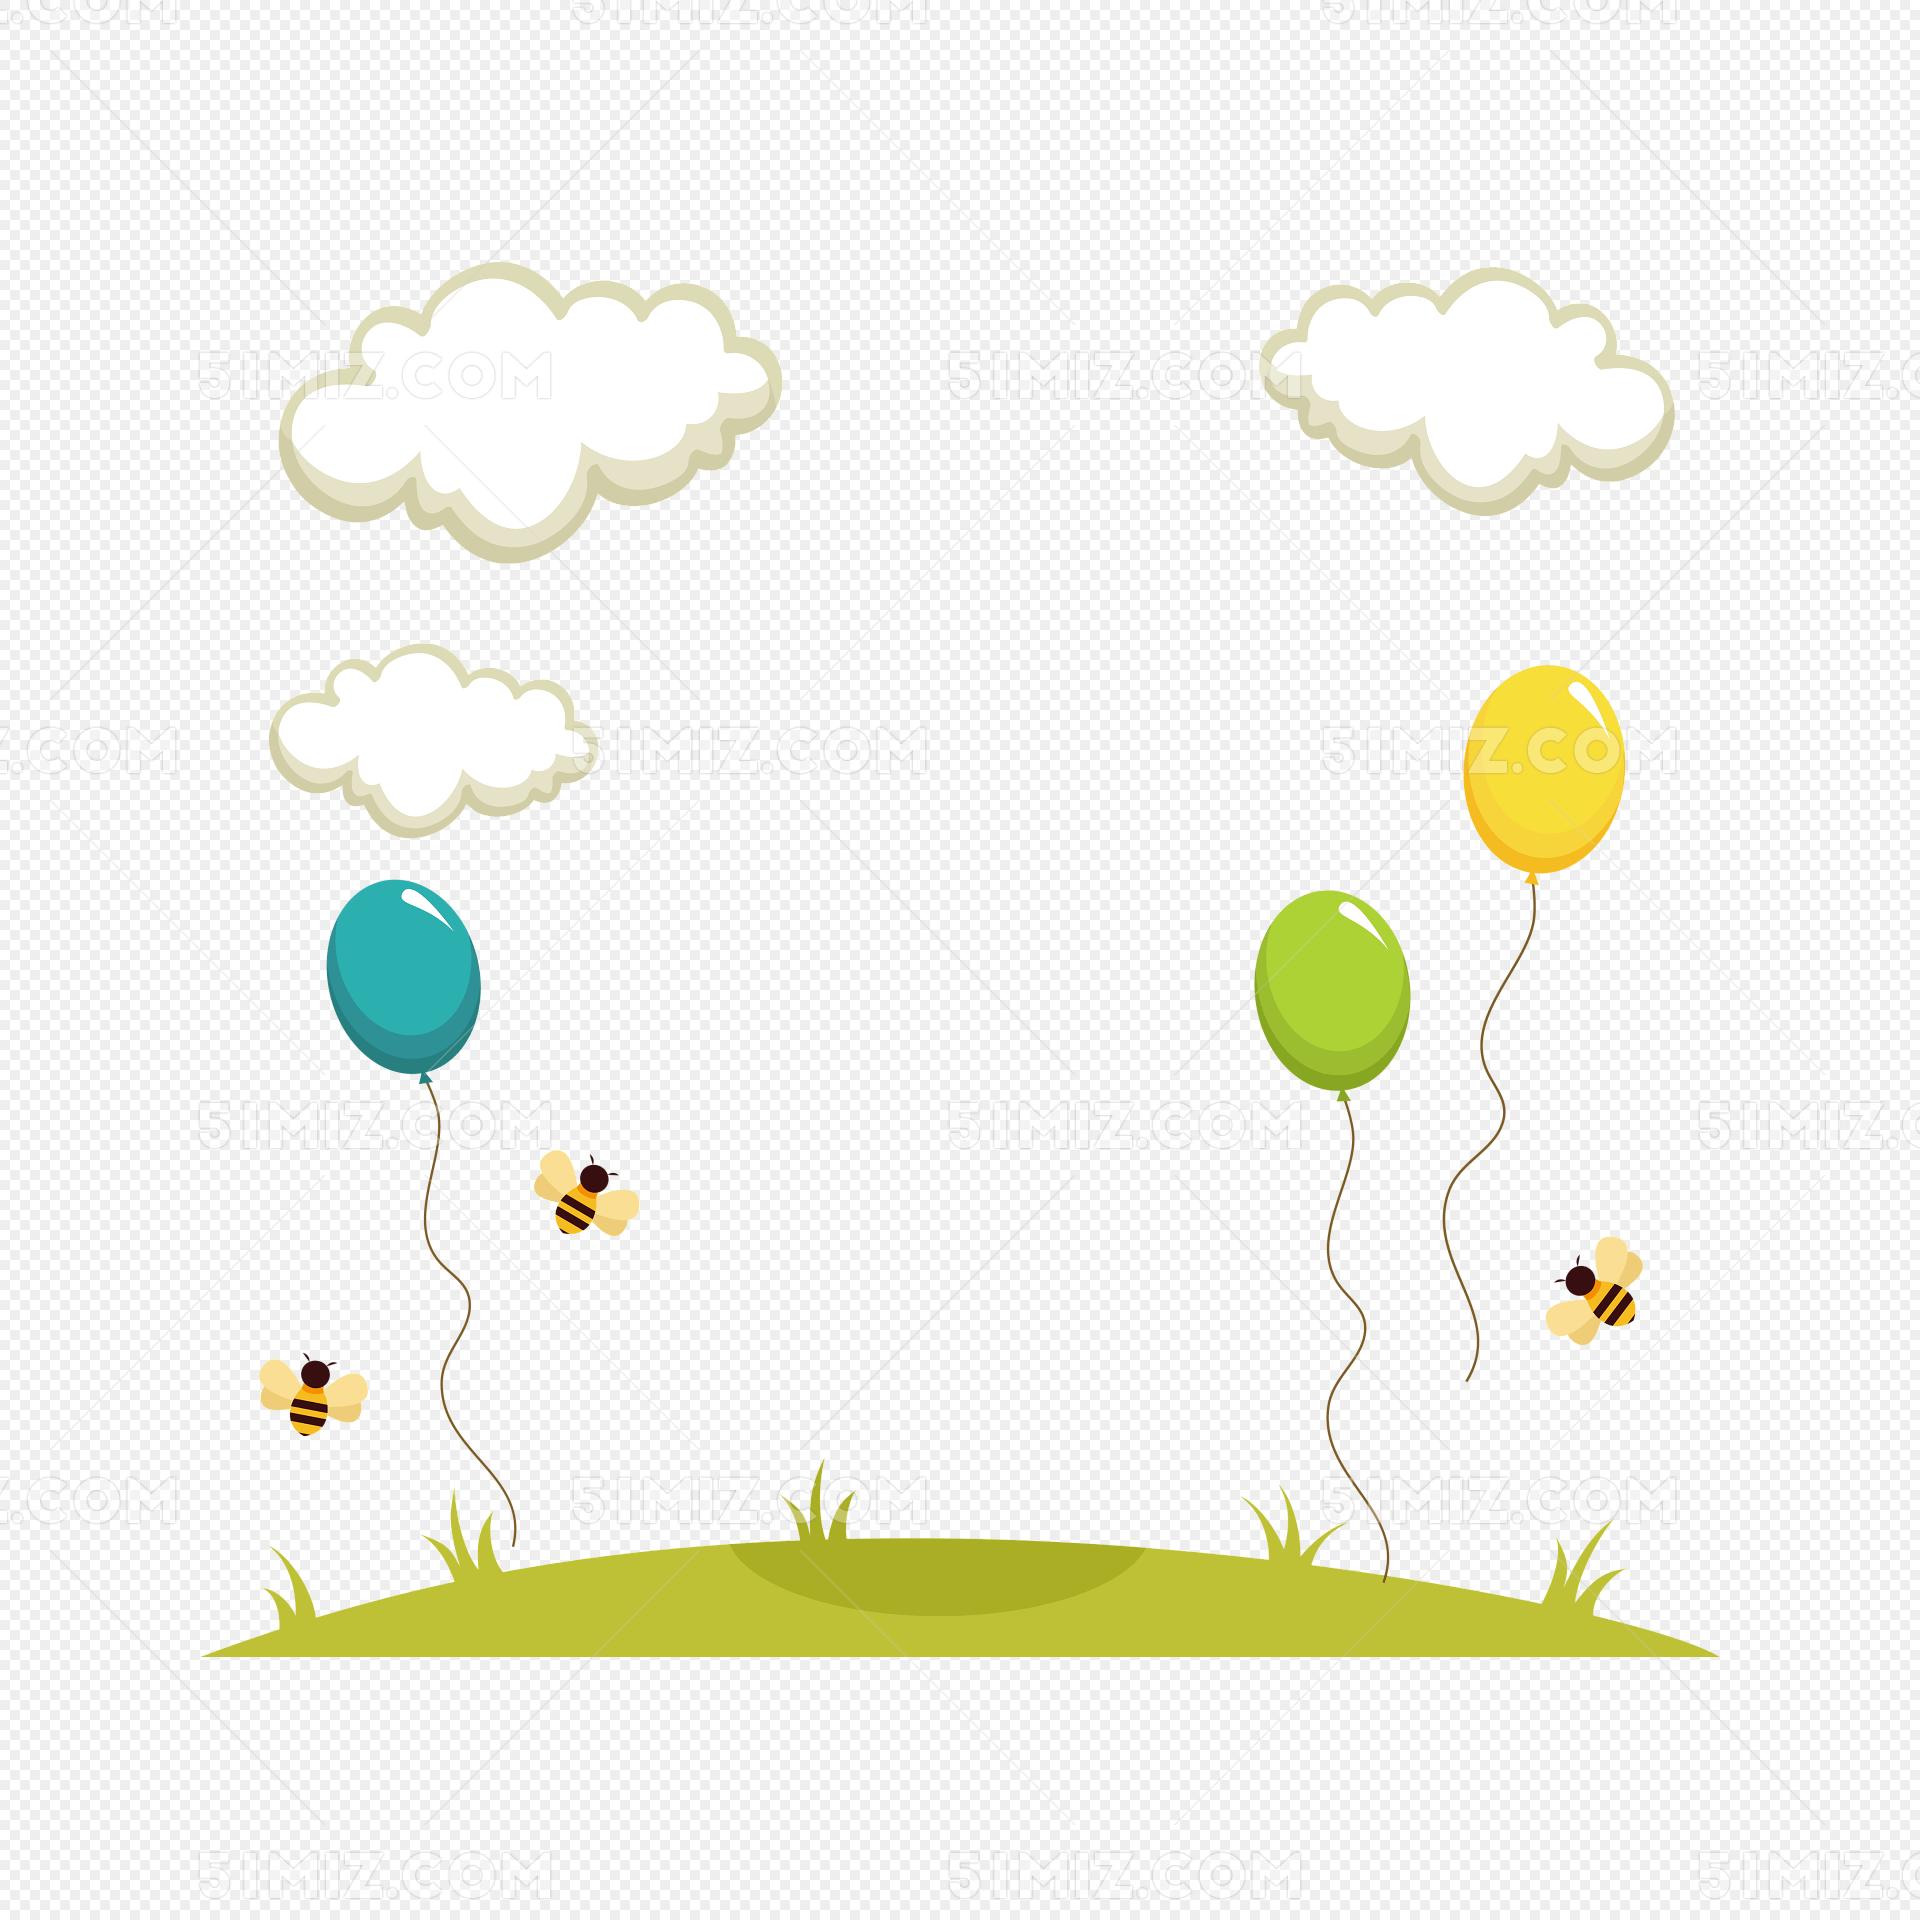 草地气球蜜蜂白云边框矢量图